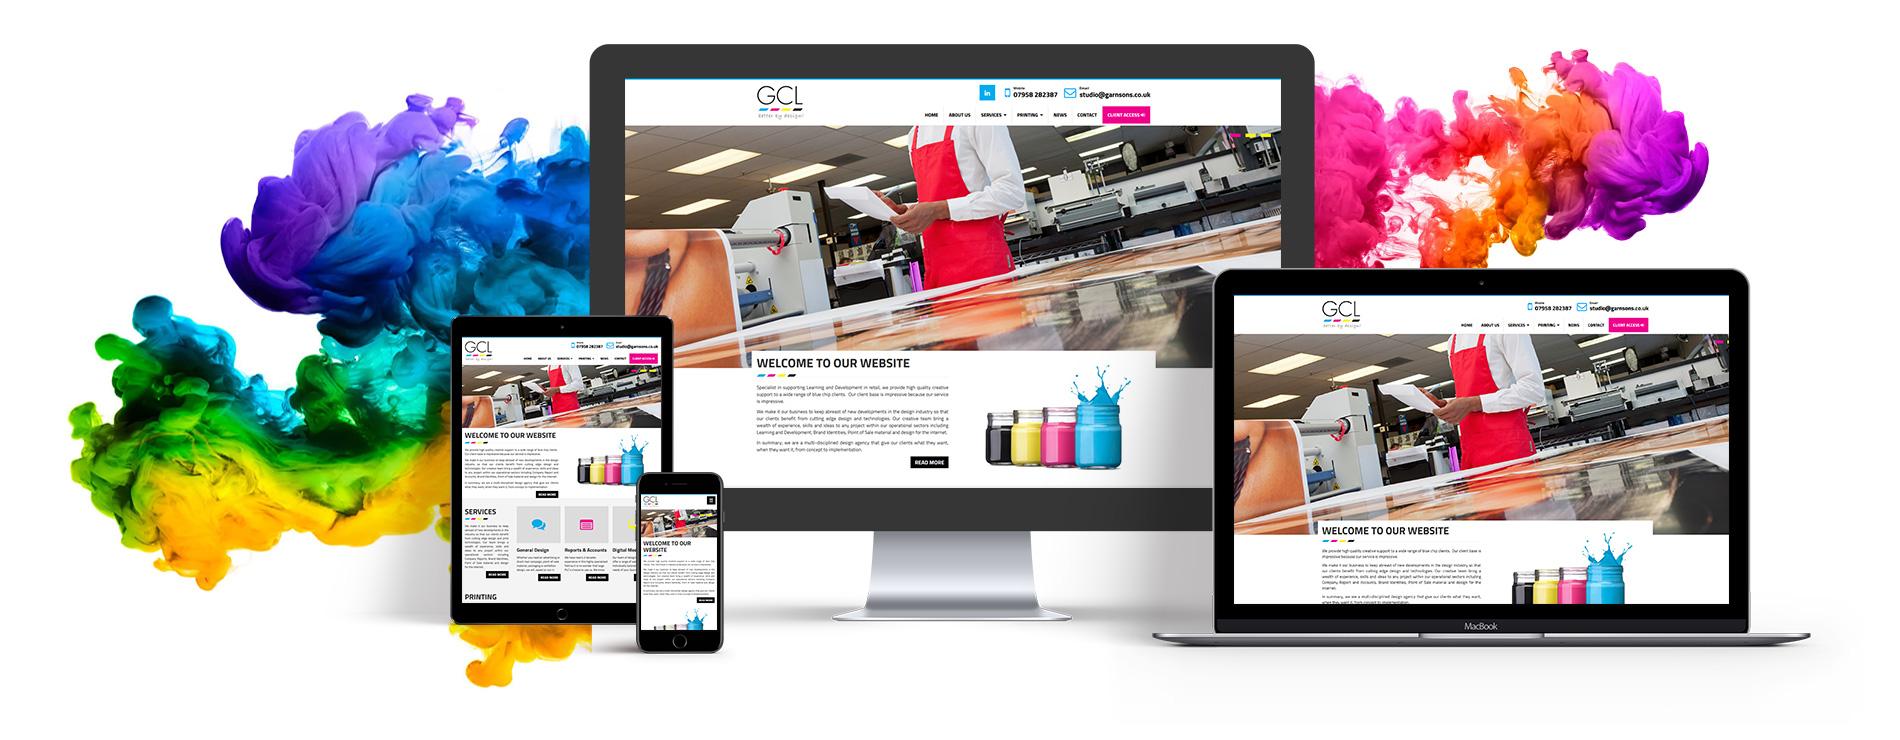 Responsive Website Design Example